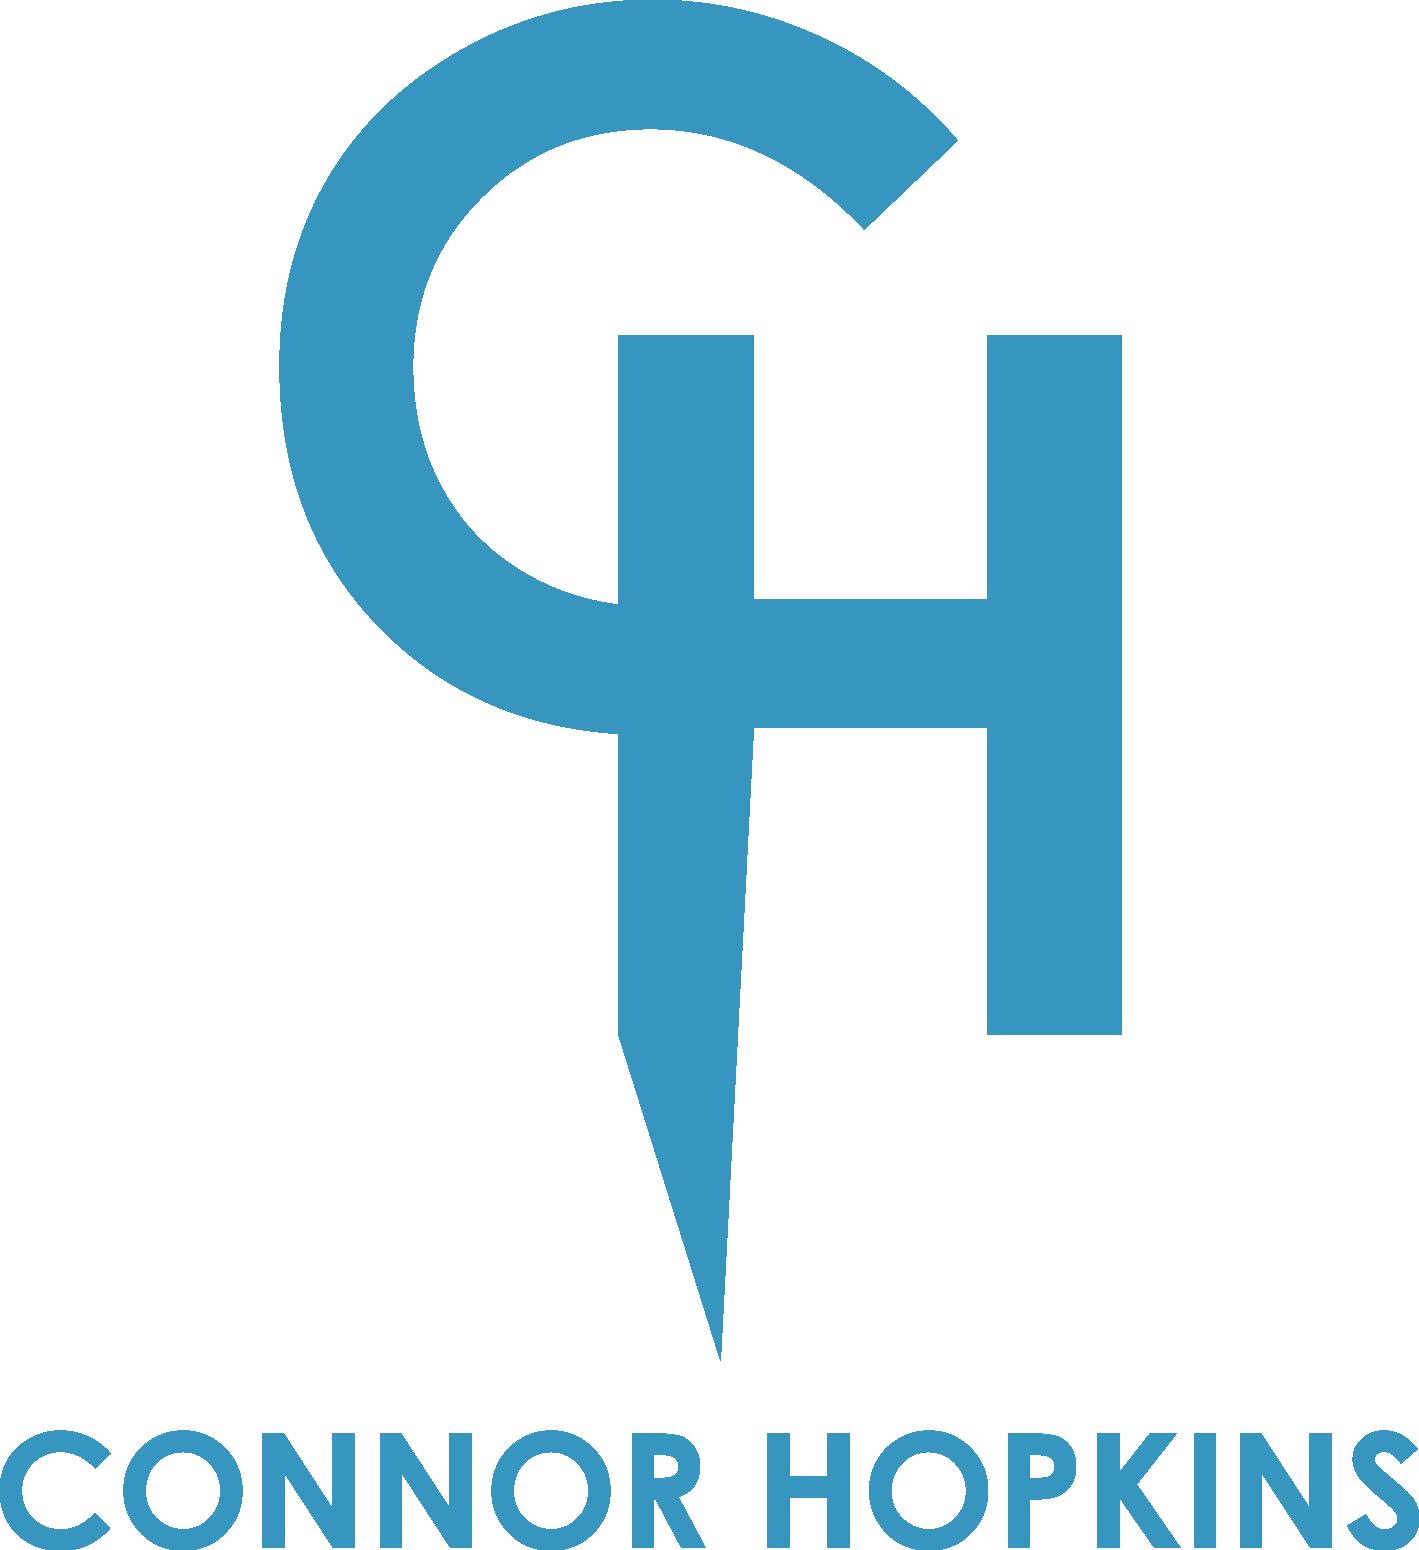 Connor Hopkins